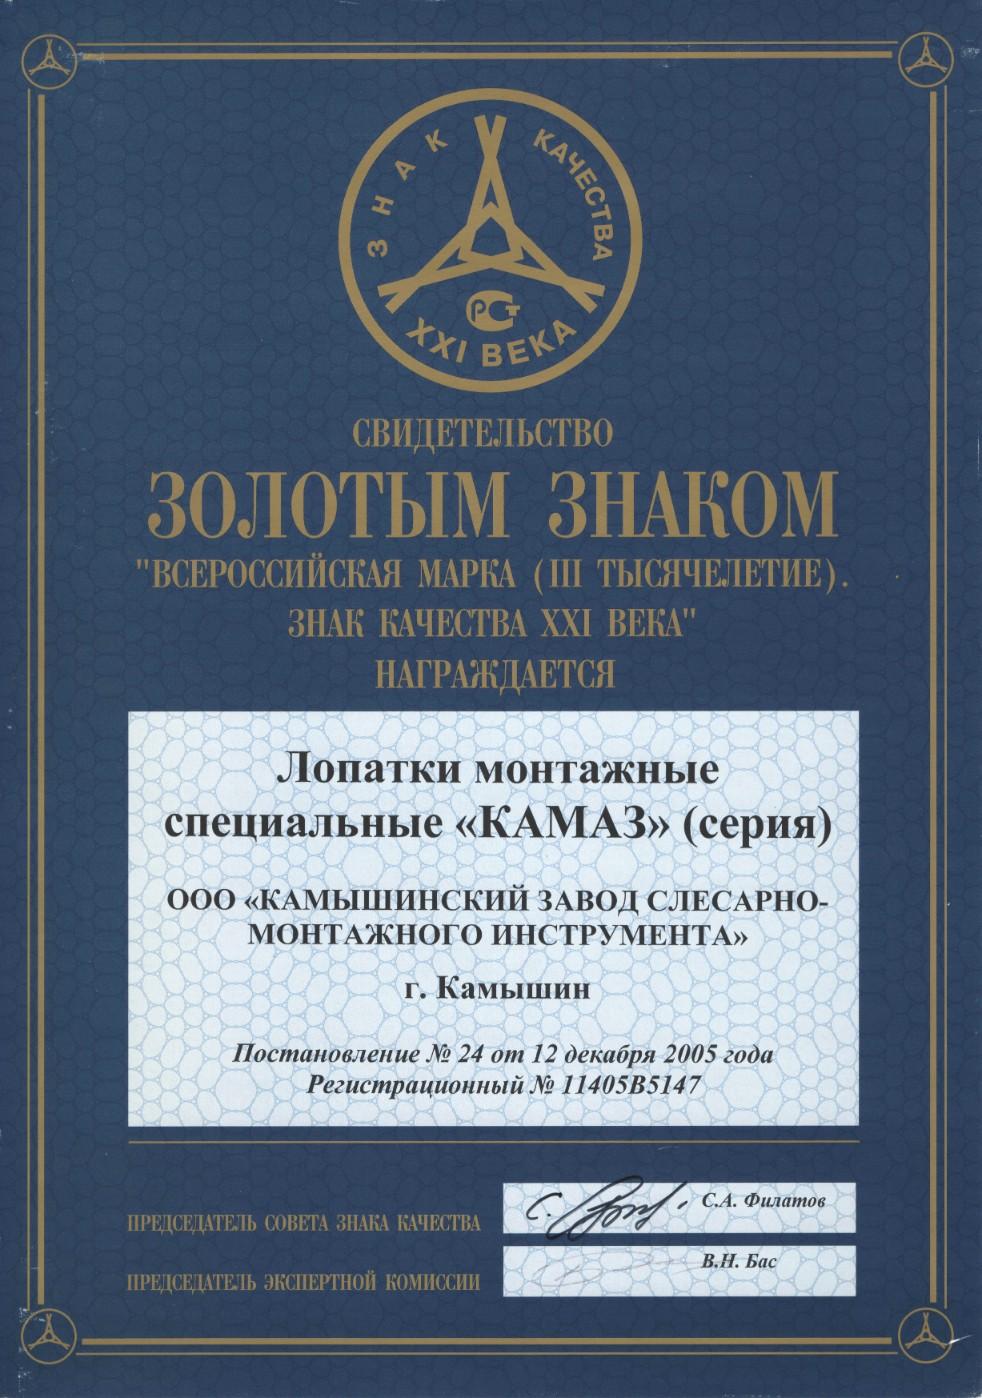 Золотой знак, Лопатки монтажные специальные КАМАЗ